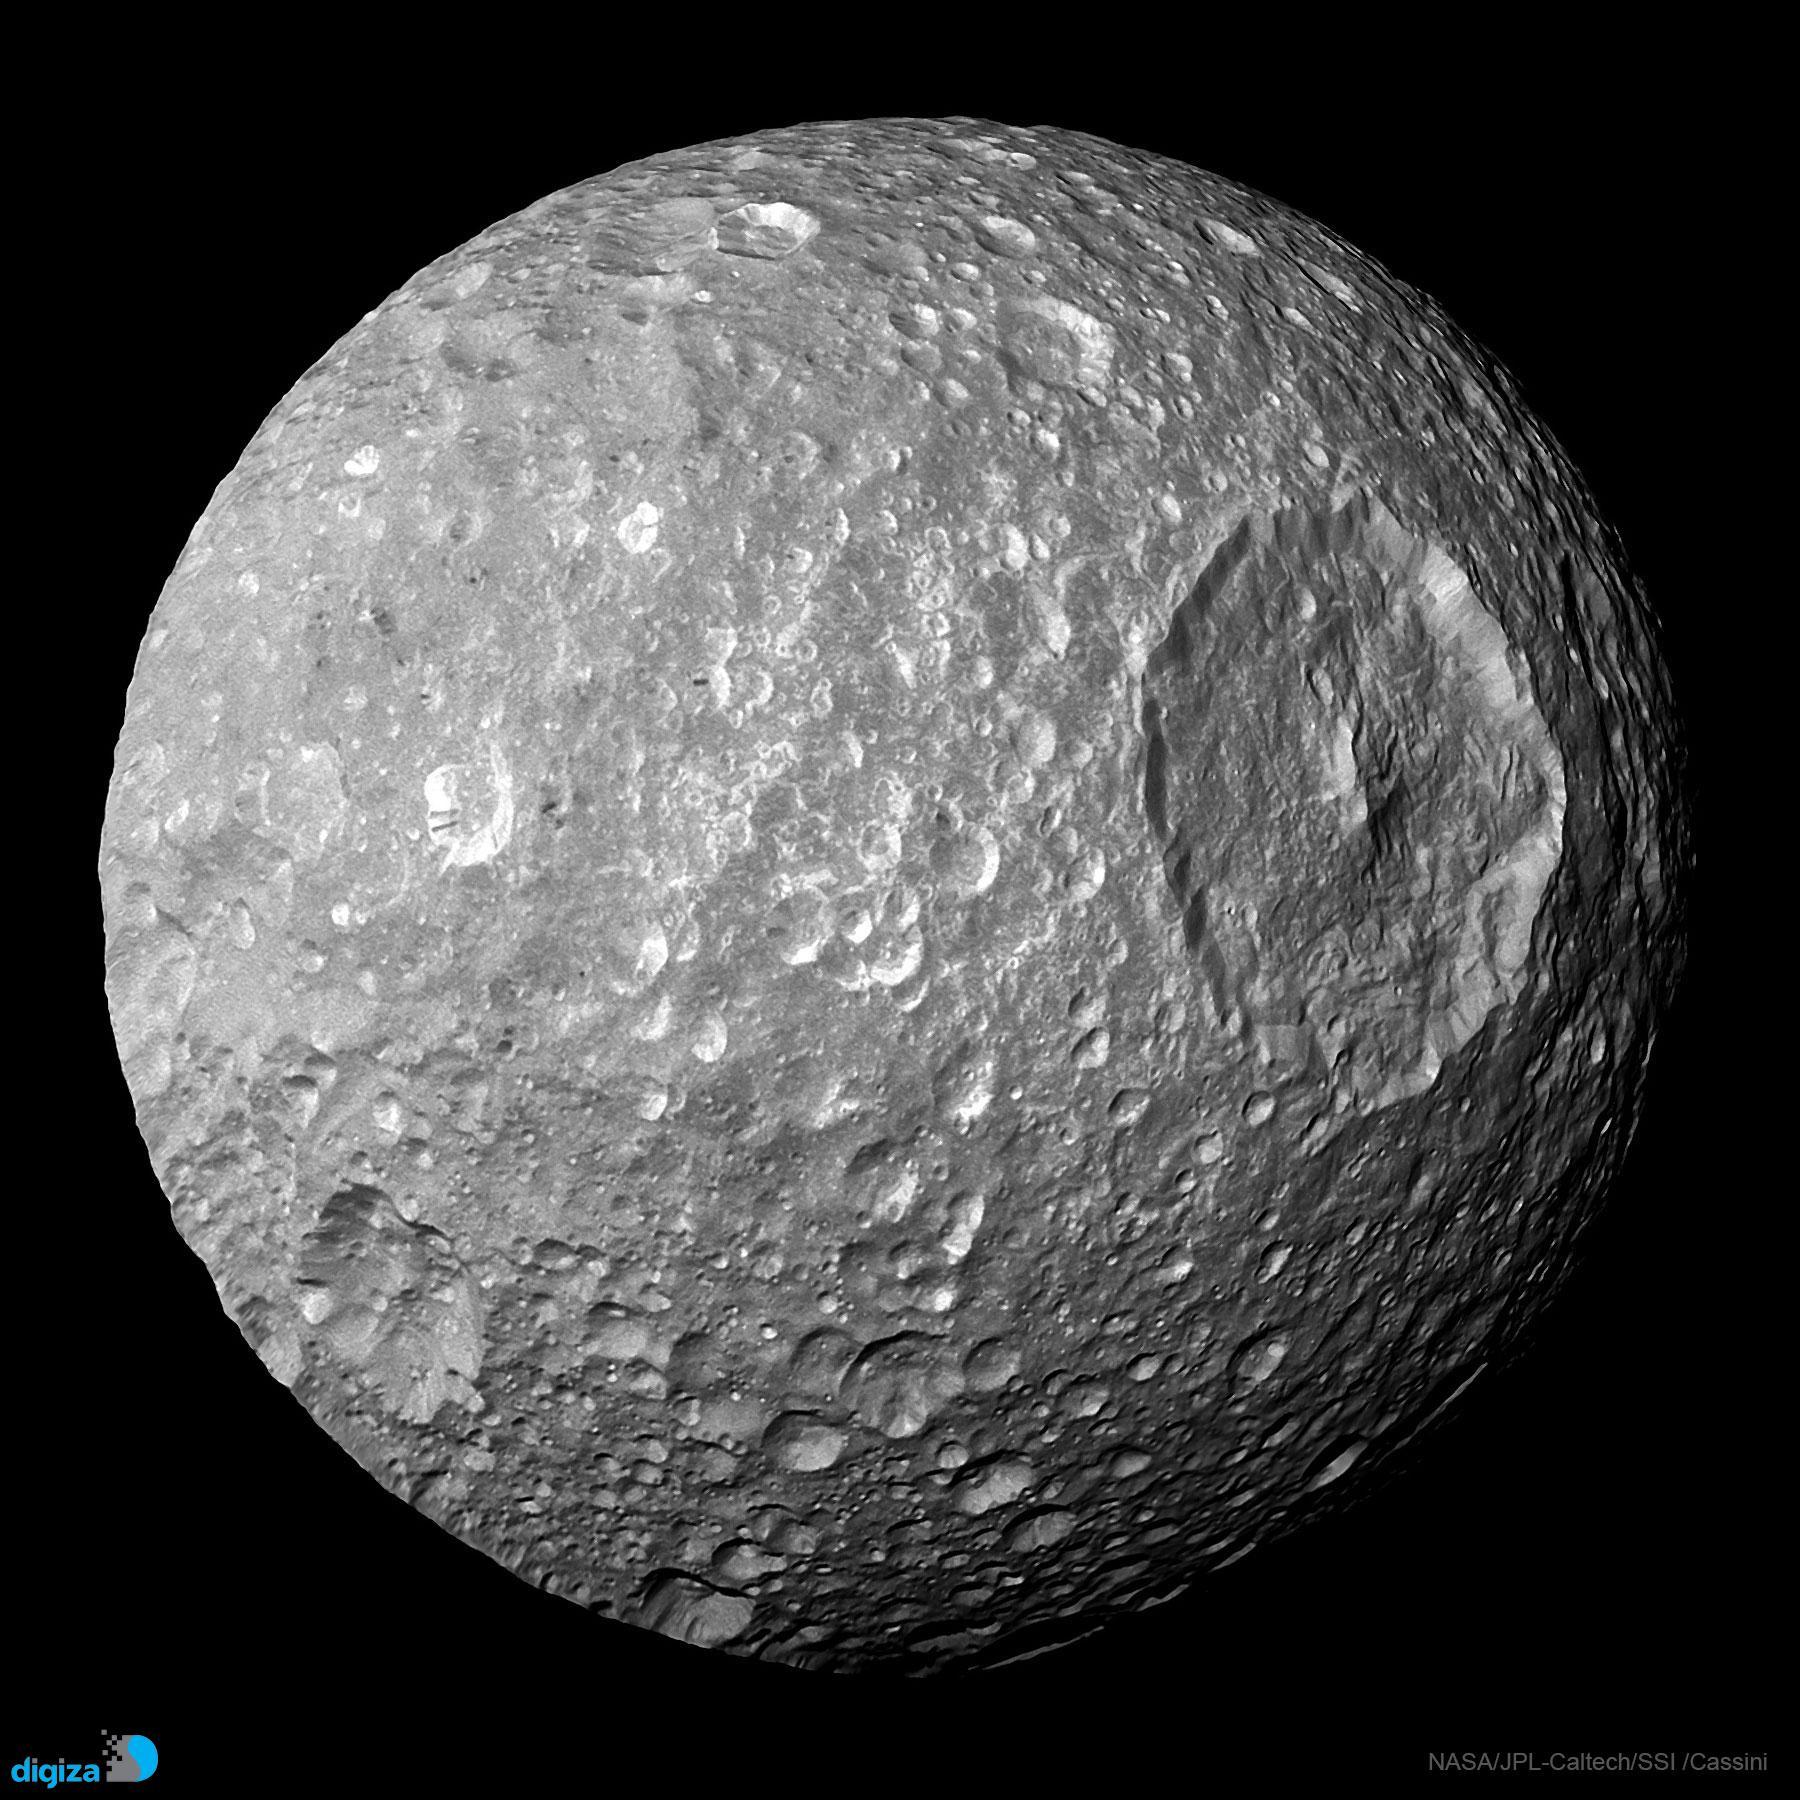 میماس: قمر کوچک با یک دهانۀ بزرگ